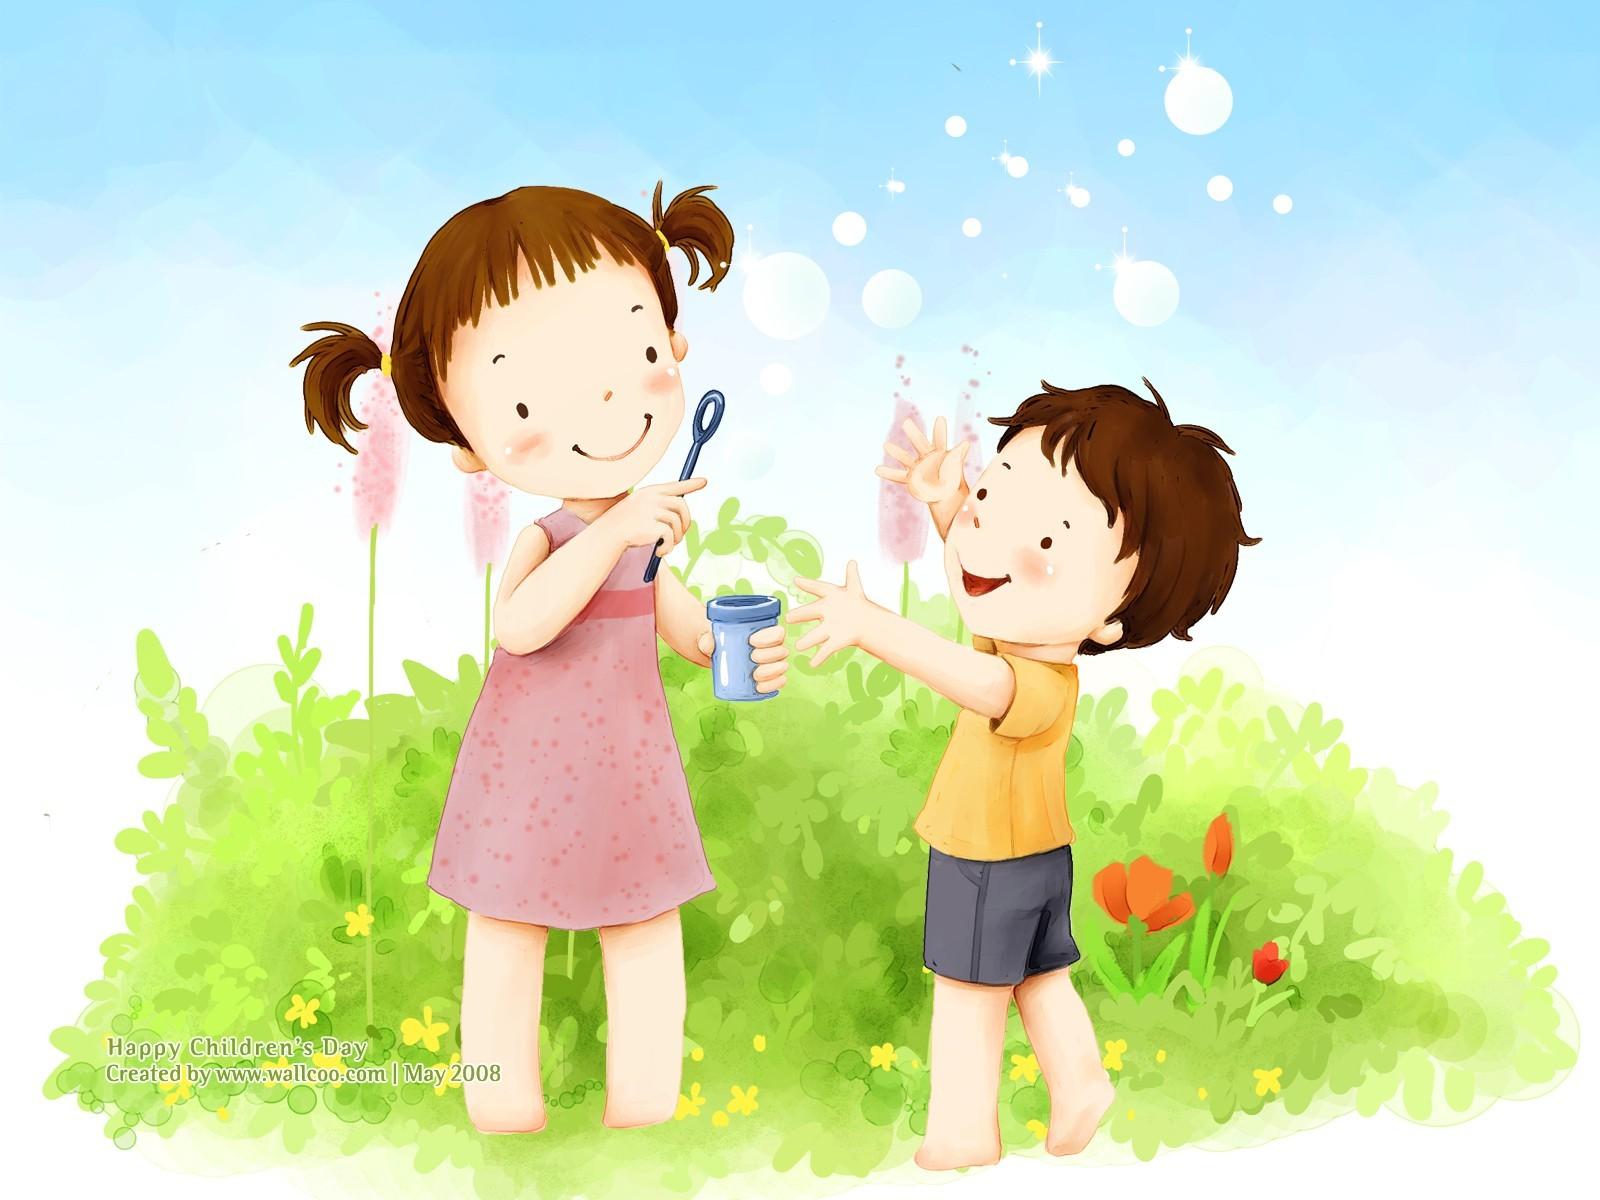 Bonito ilustrador del Día del Niño fondo de pantalla  21 - 1600x1200 ... 4a49b7241cd